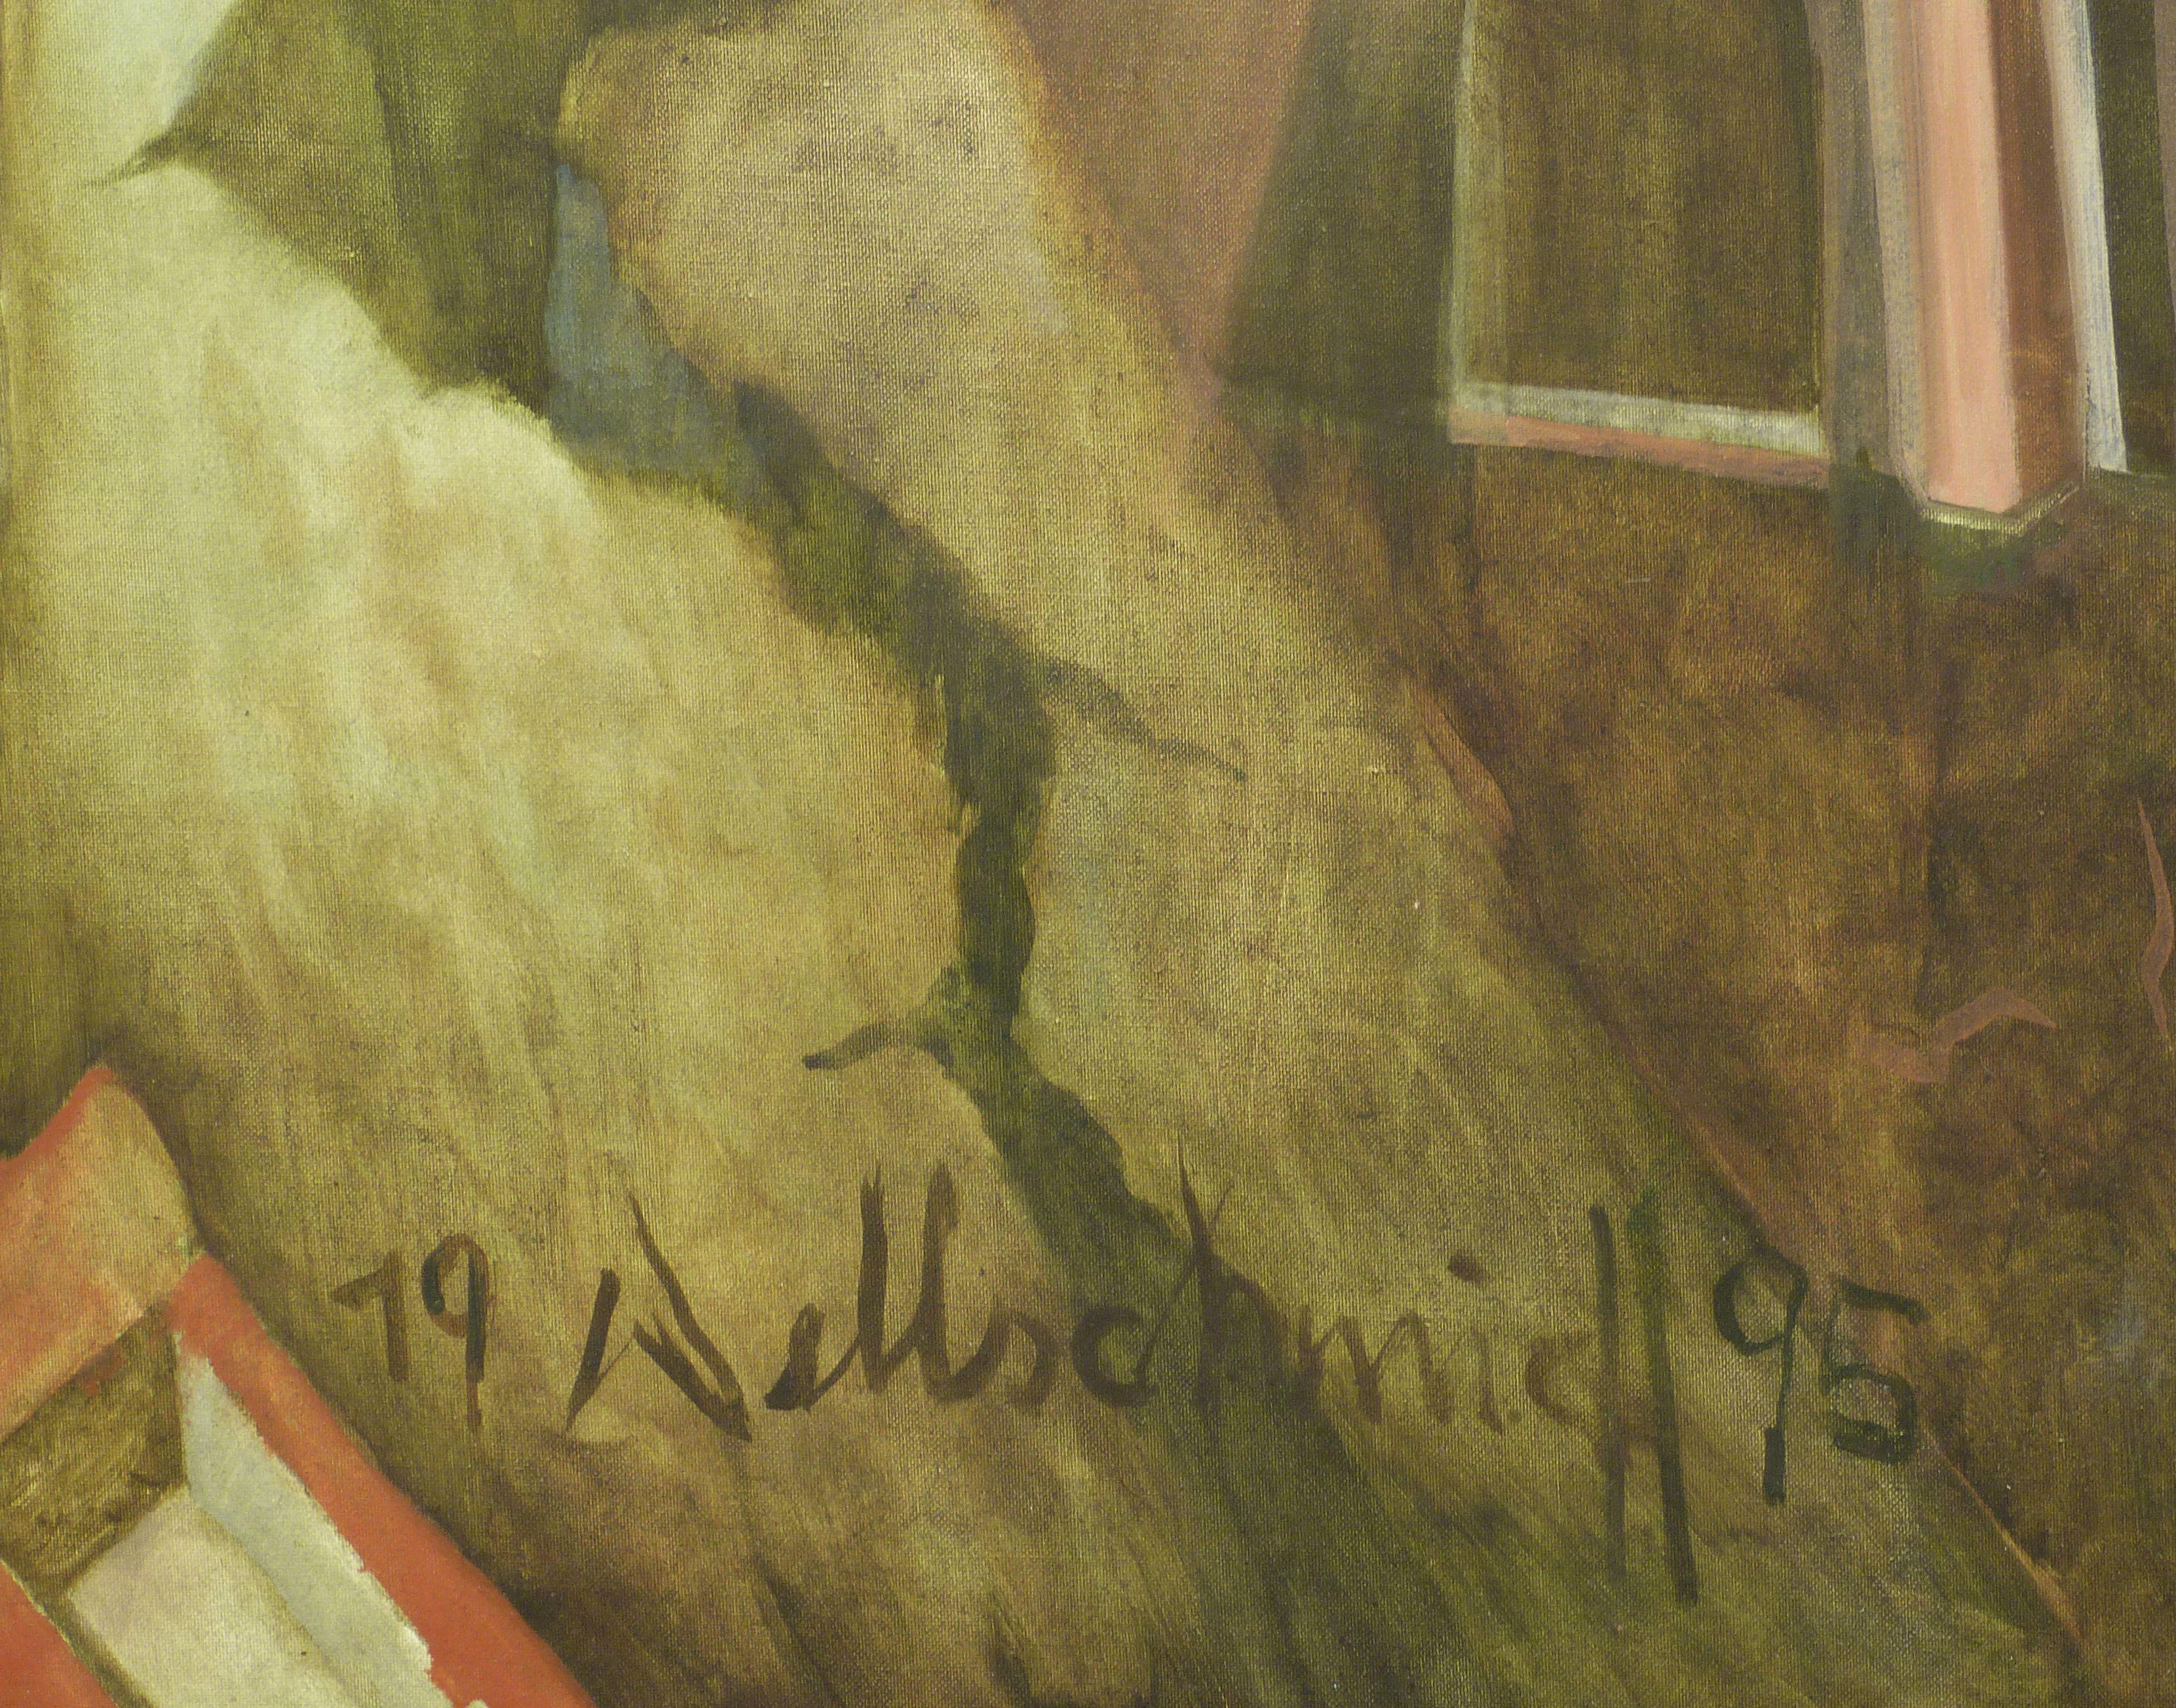 2. Januar 1945 Signatur